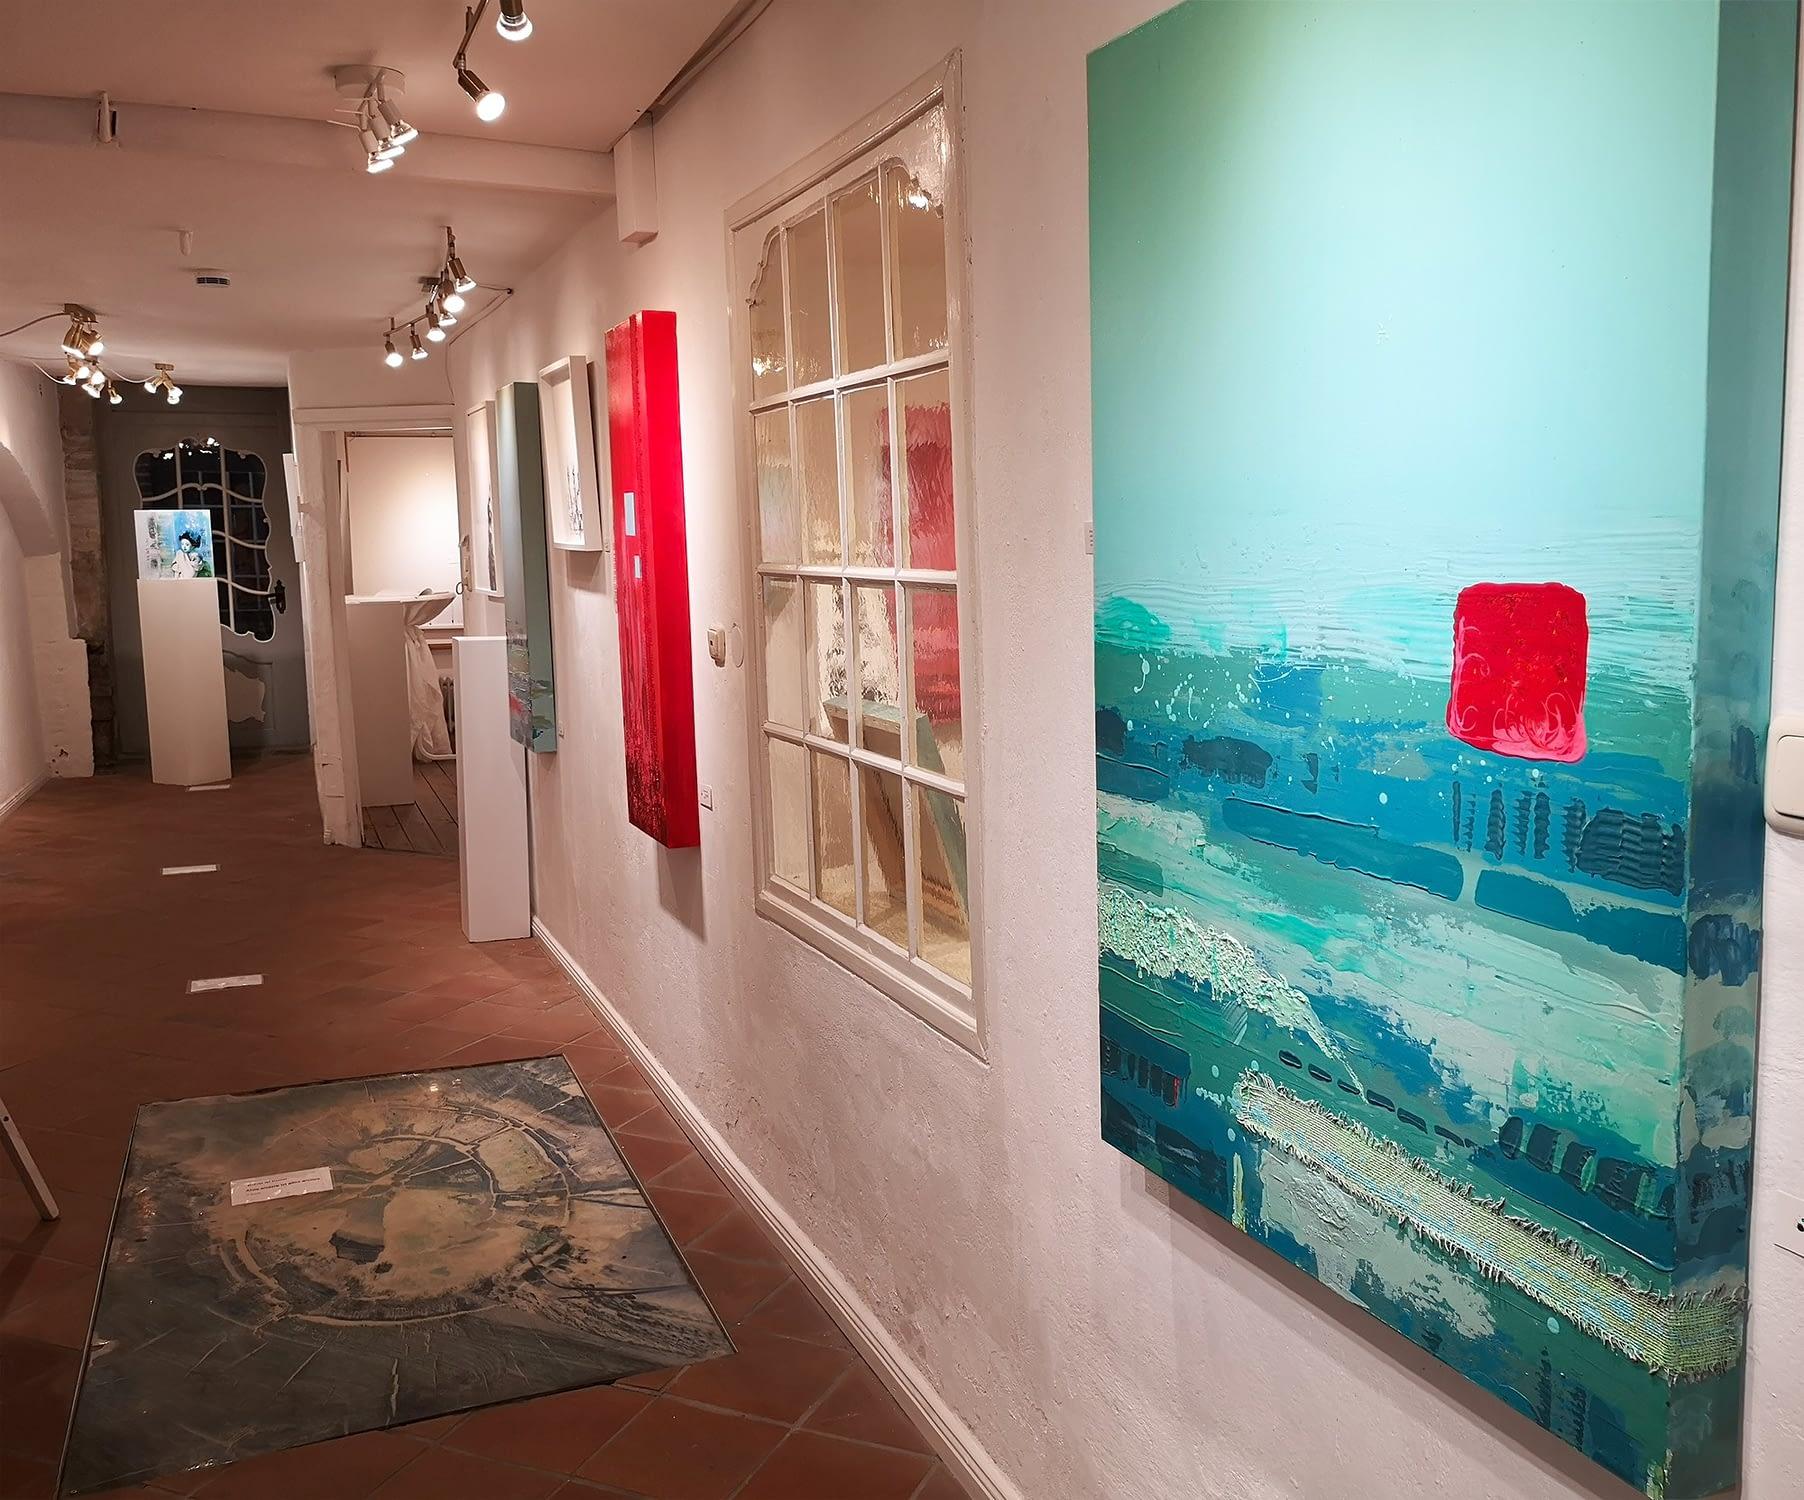 Kunstausstellung Les lignes du chaos: Impression der Hauptwand